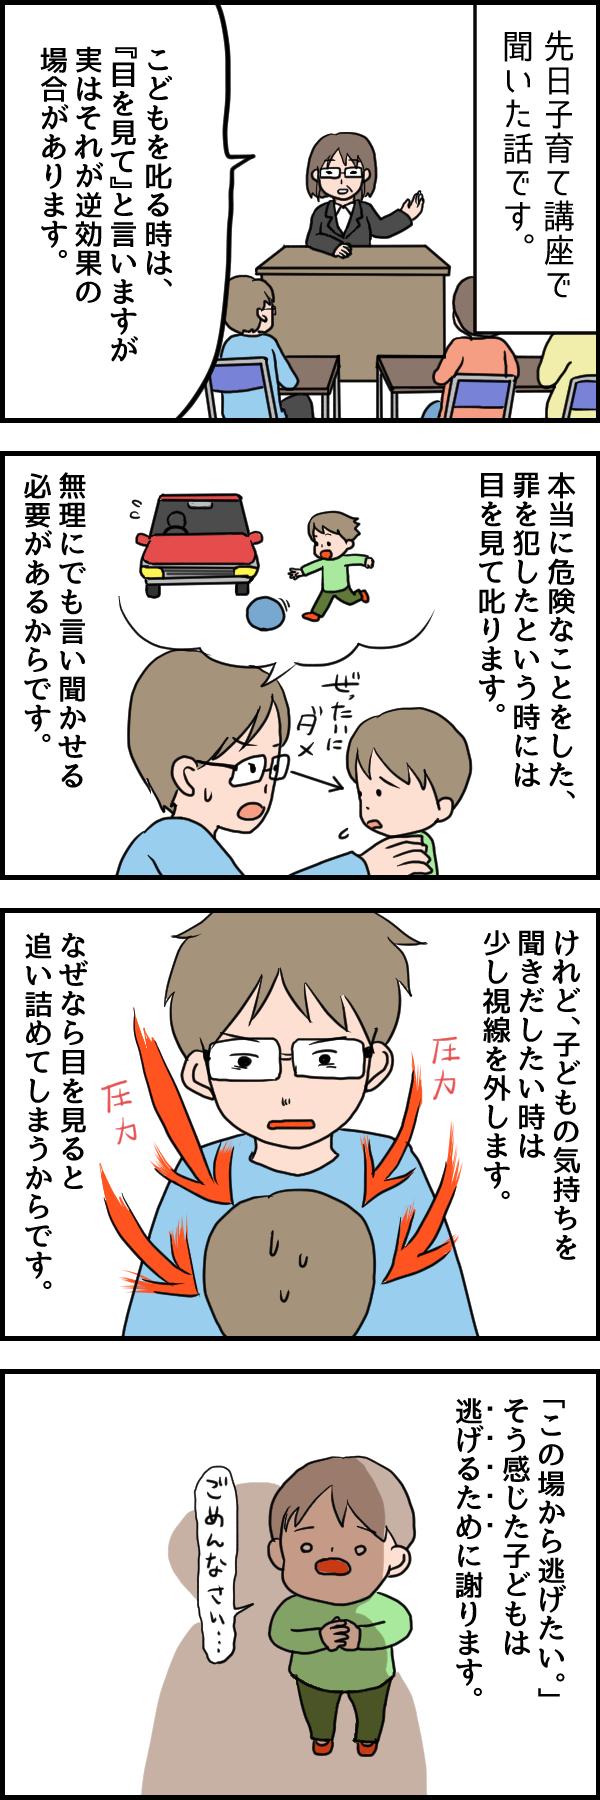 """""""謝らせること""""が目的になっていた?幼児の心に届く「幸せな叱り方」の画像1"""